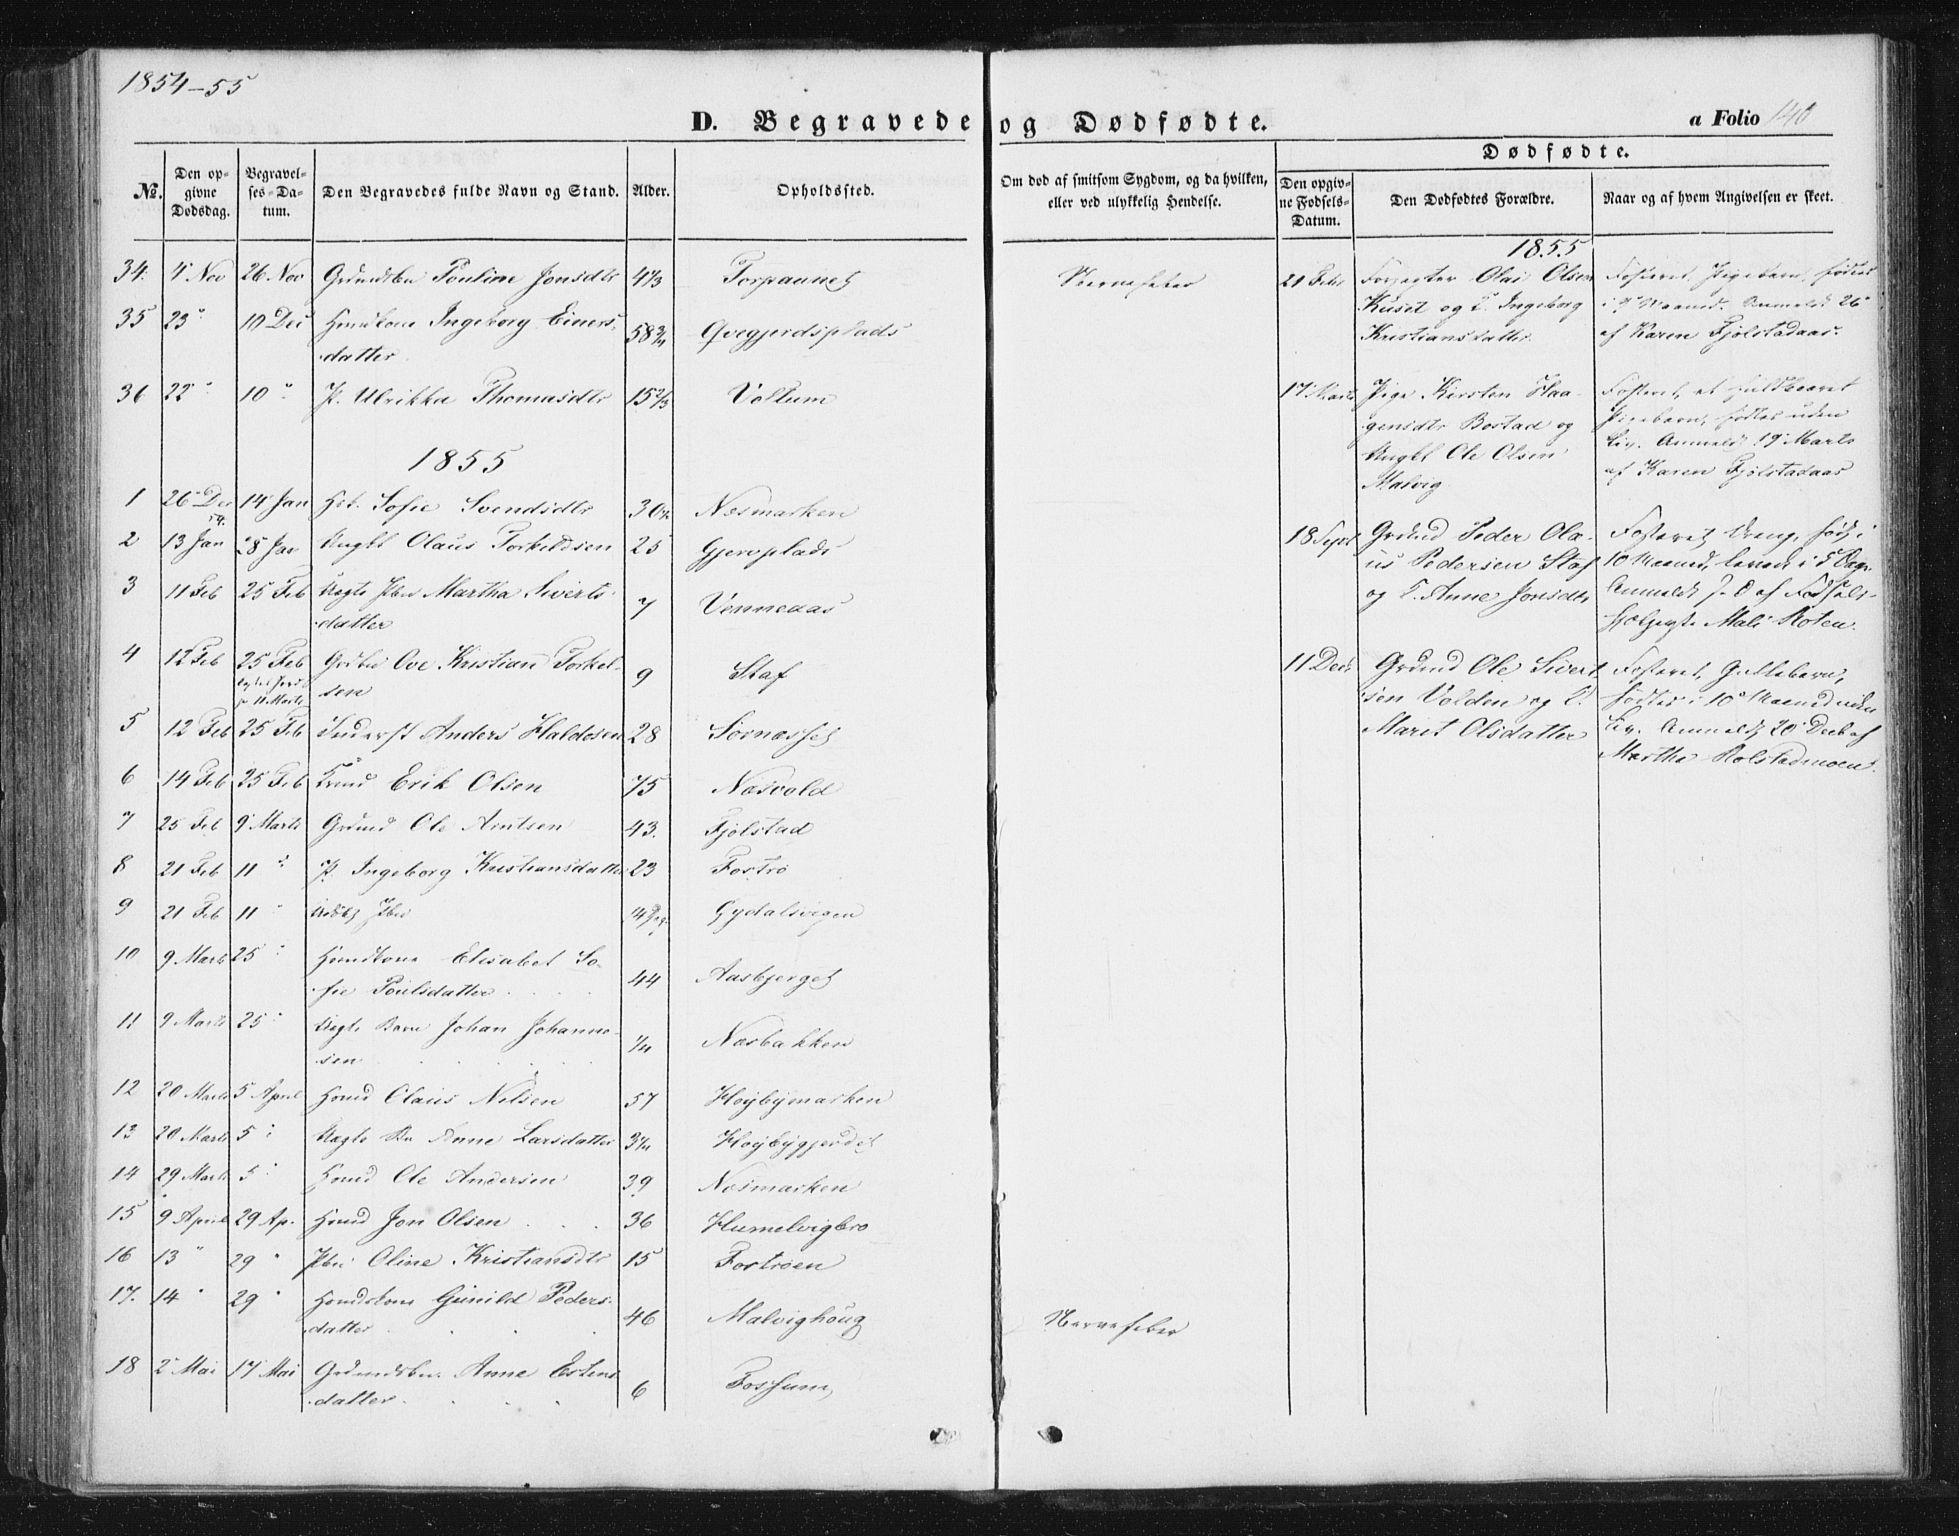 SAT, Ministerialprotokoller, klokkerbøker og fødselsregistre - Sør-Trøndelag, 616/L0407: Ministerialbok nr. 616A04, 1848-1856, s. 140